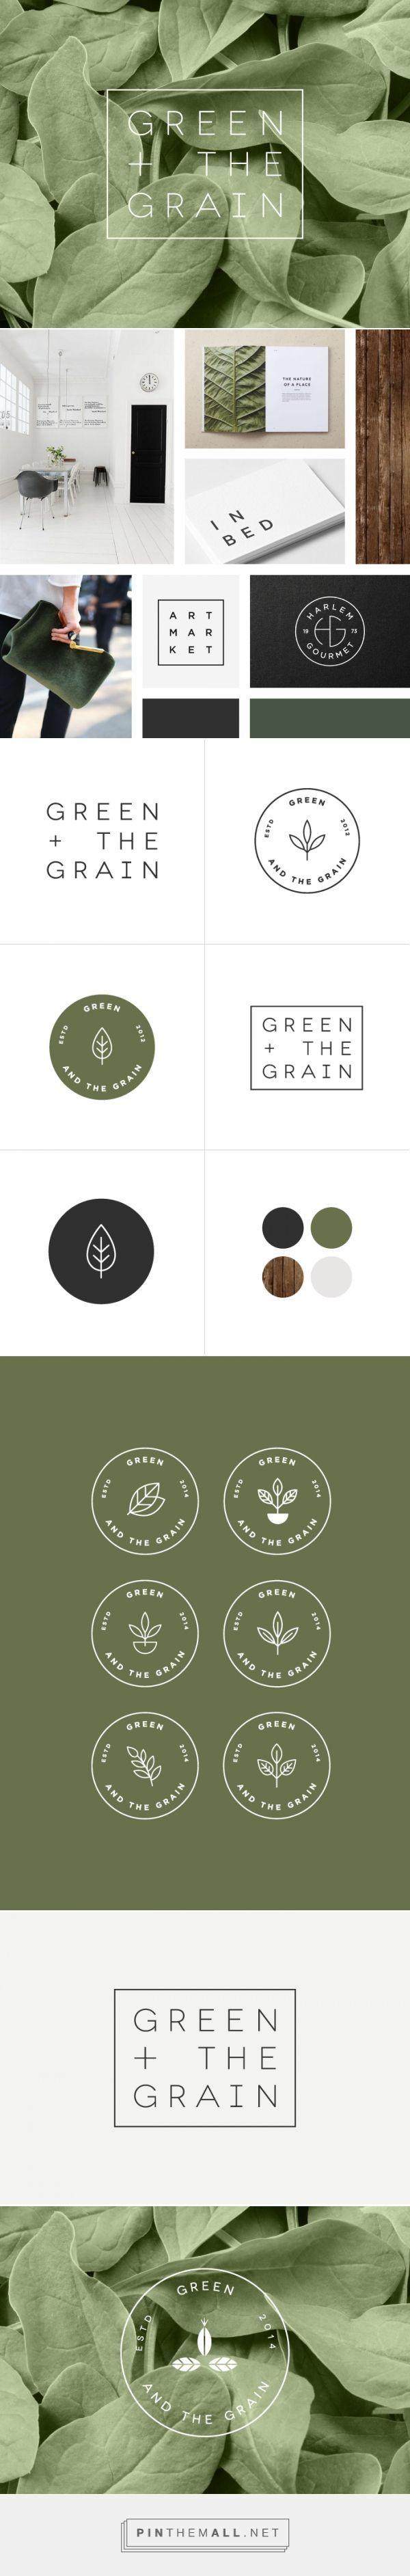 Contraste entre una buena imagen y tipografia opxcion como recurso                                                                                                                                                                                 Más